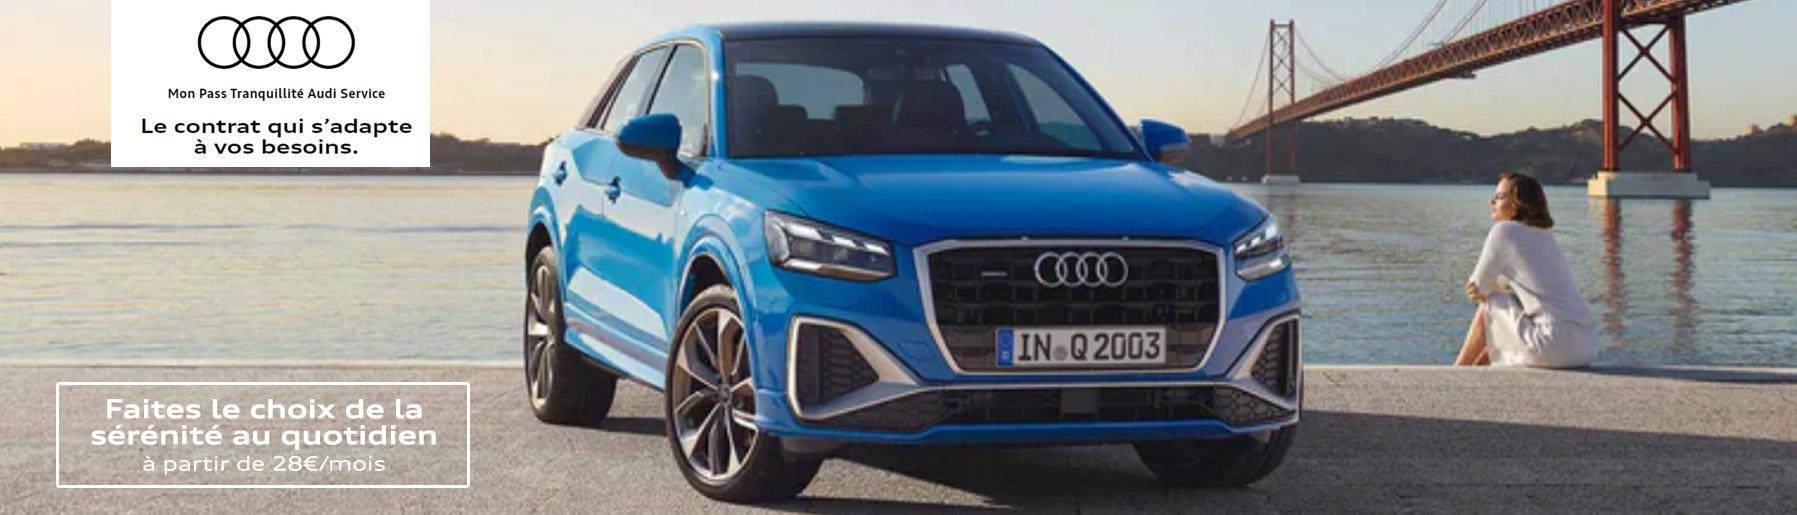 Mon Pass Tranquillité Audi Service - Mensualisez votre entretien !